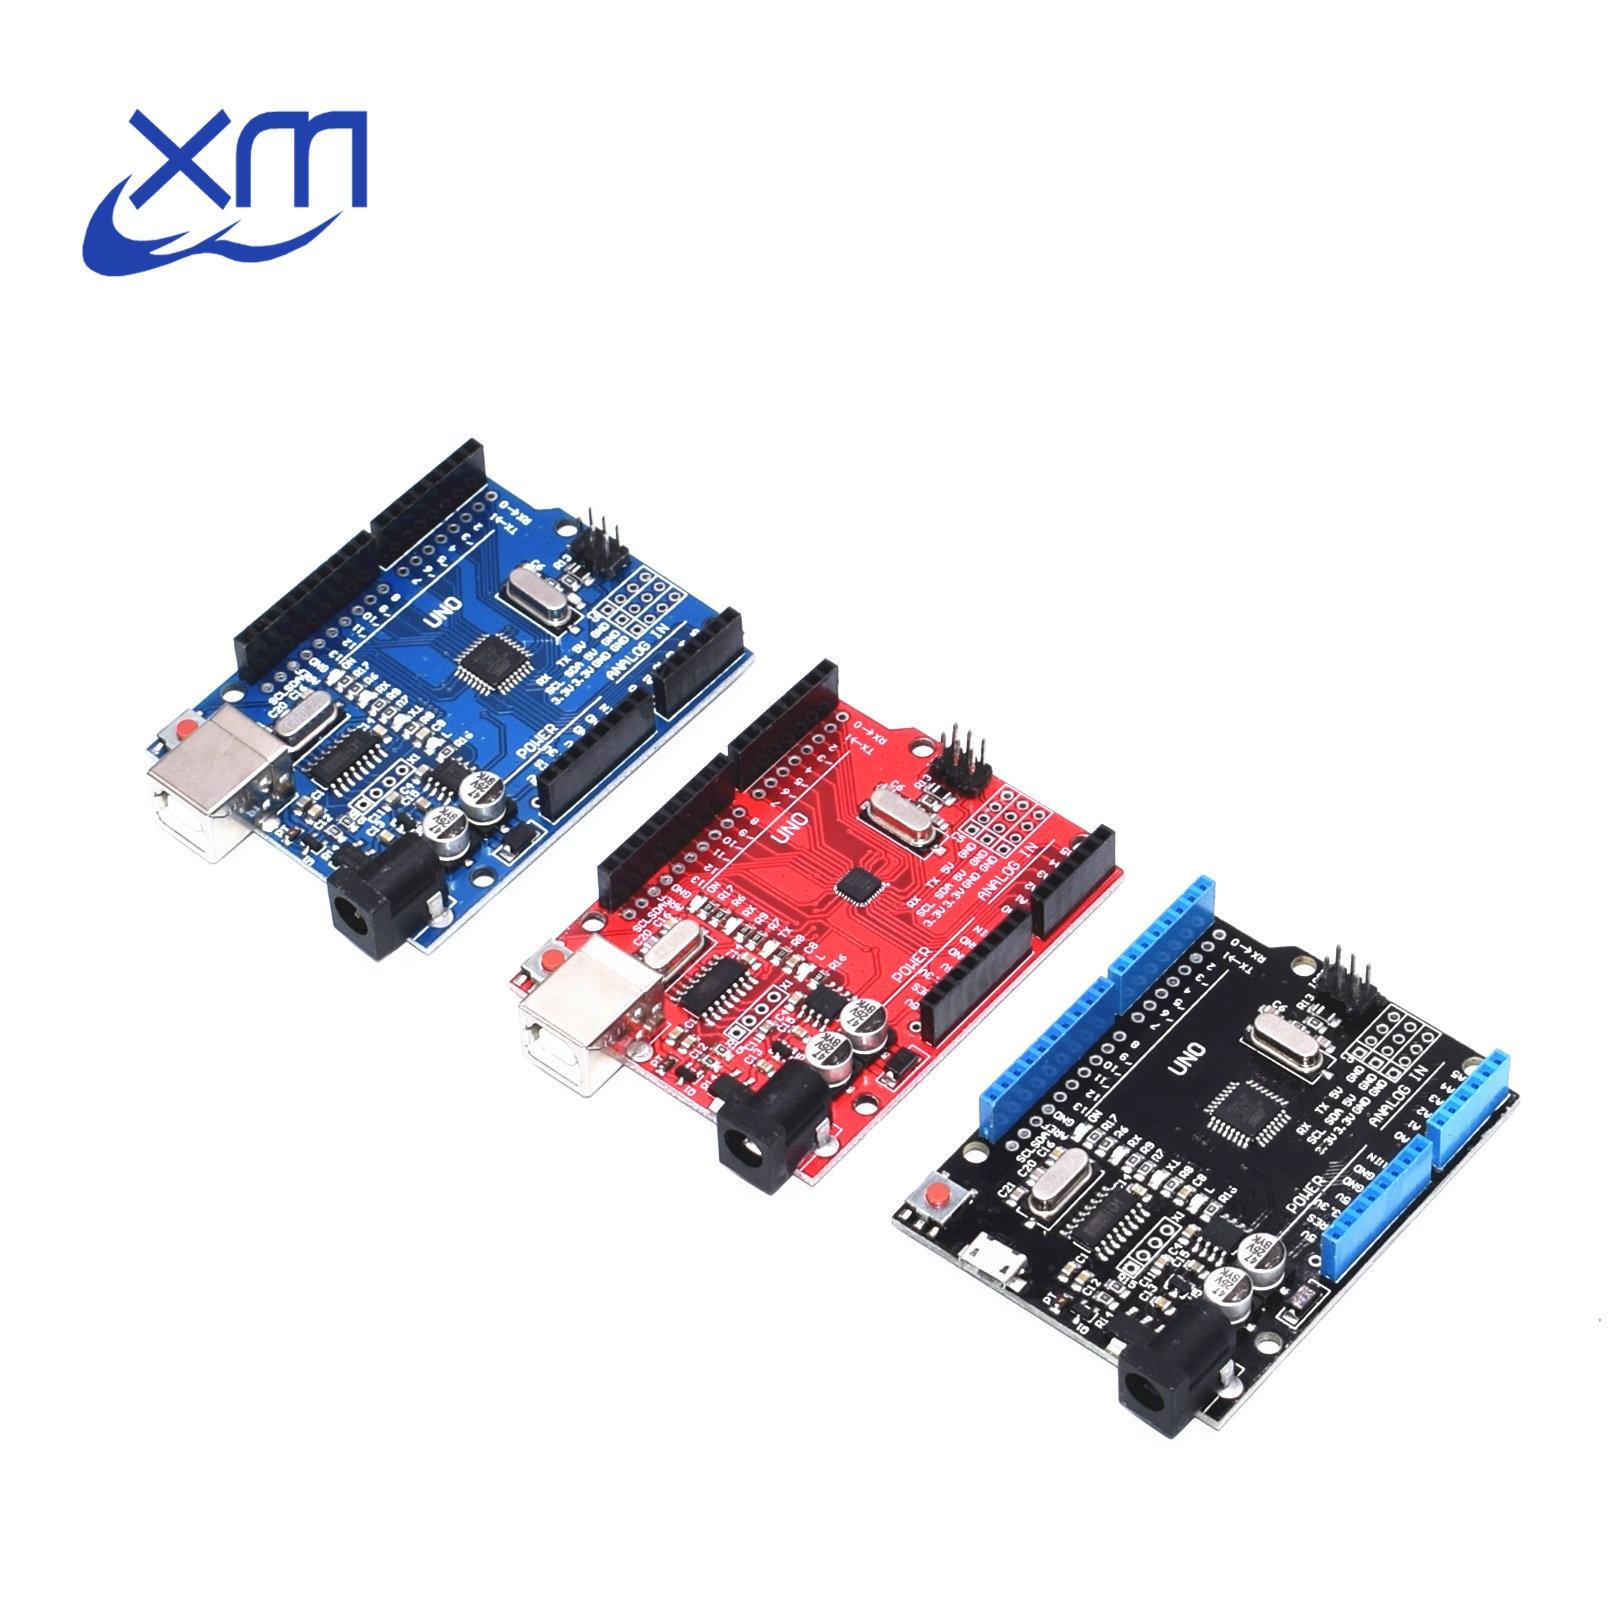 one-set-uno-r3-ch340g-mega328p-chip-16mhz-for-font-b-arduino-b-font-uno-r3-boad-new-version